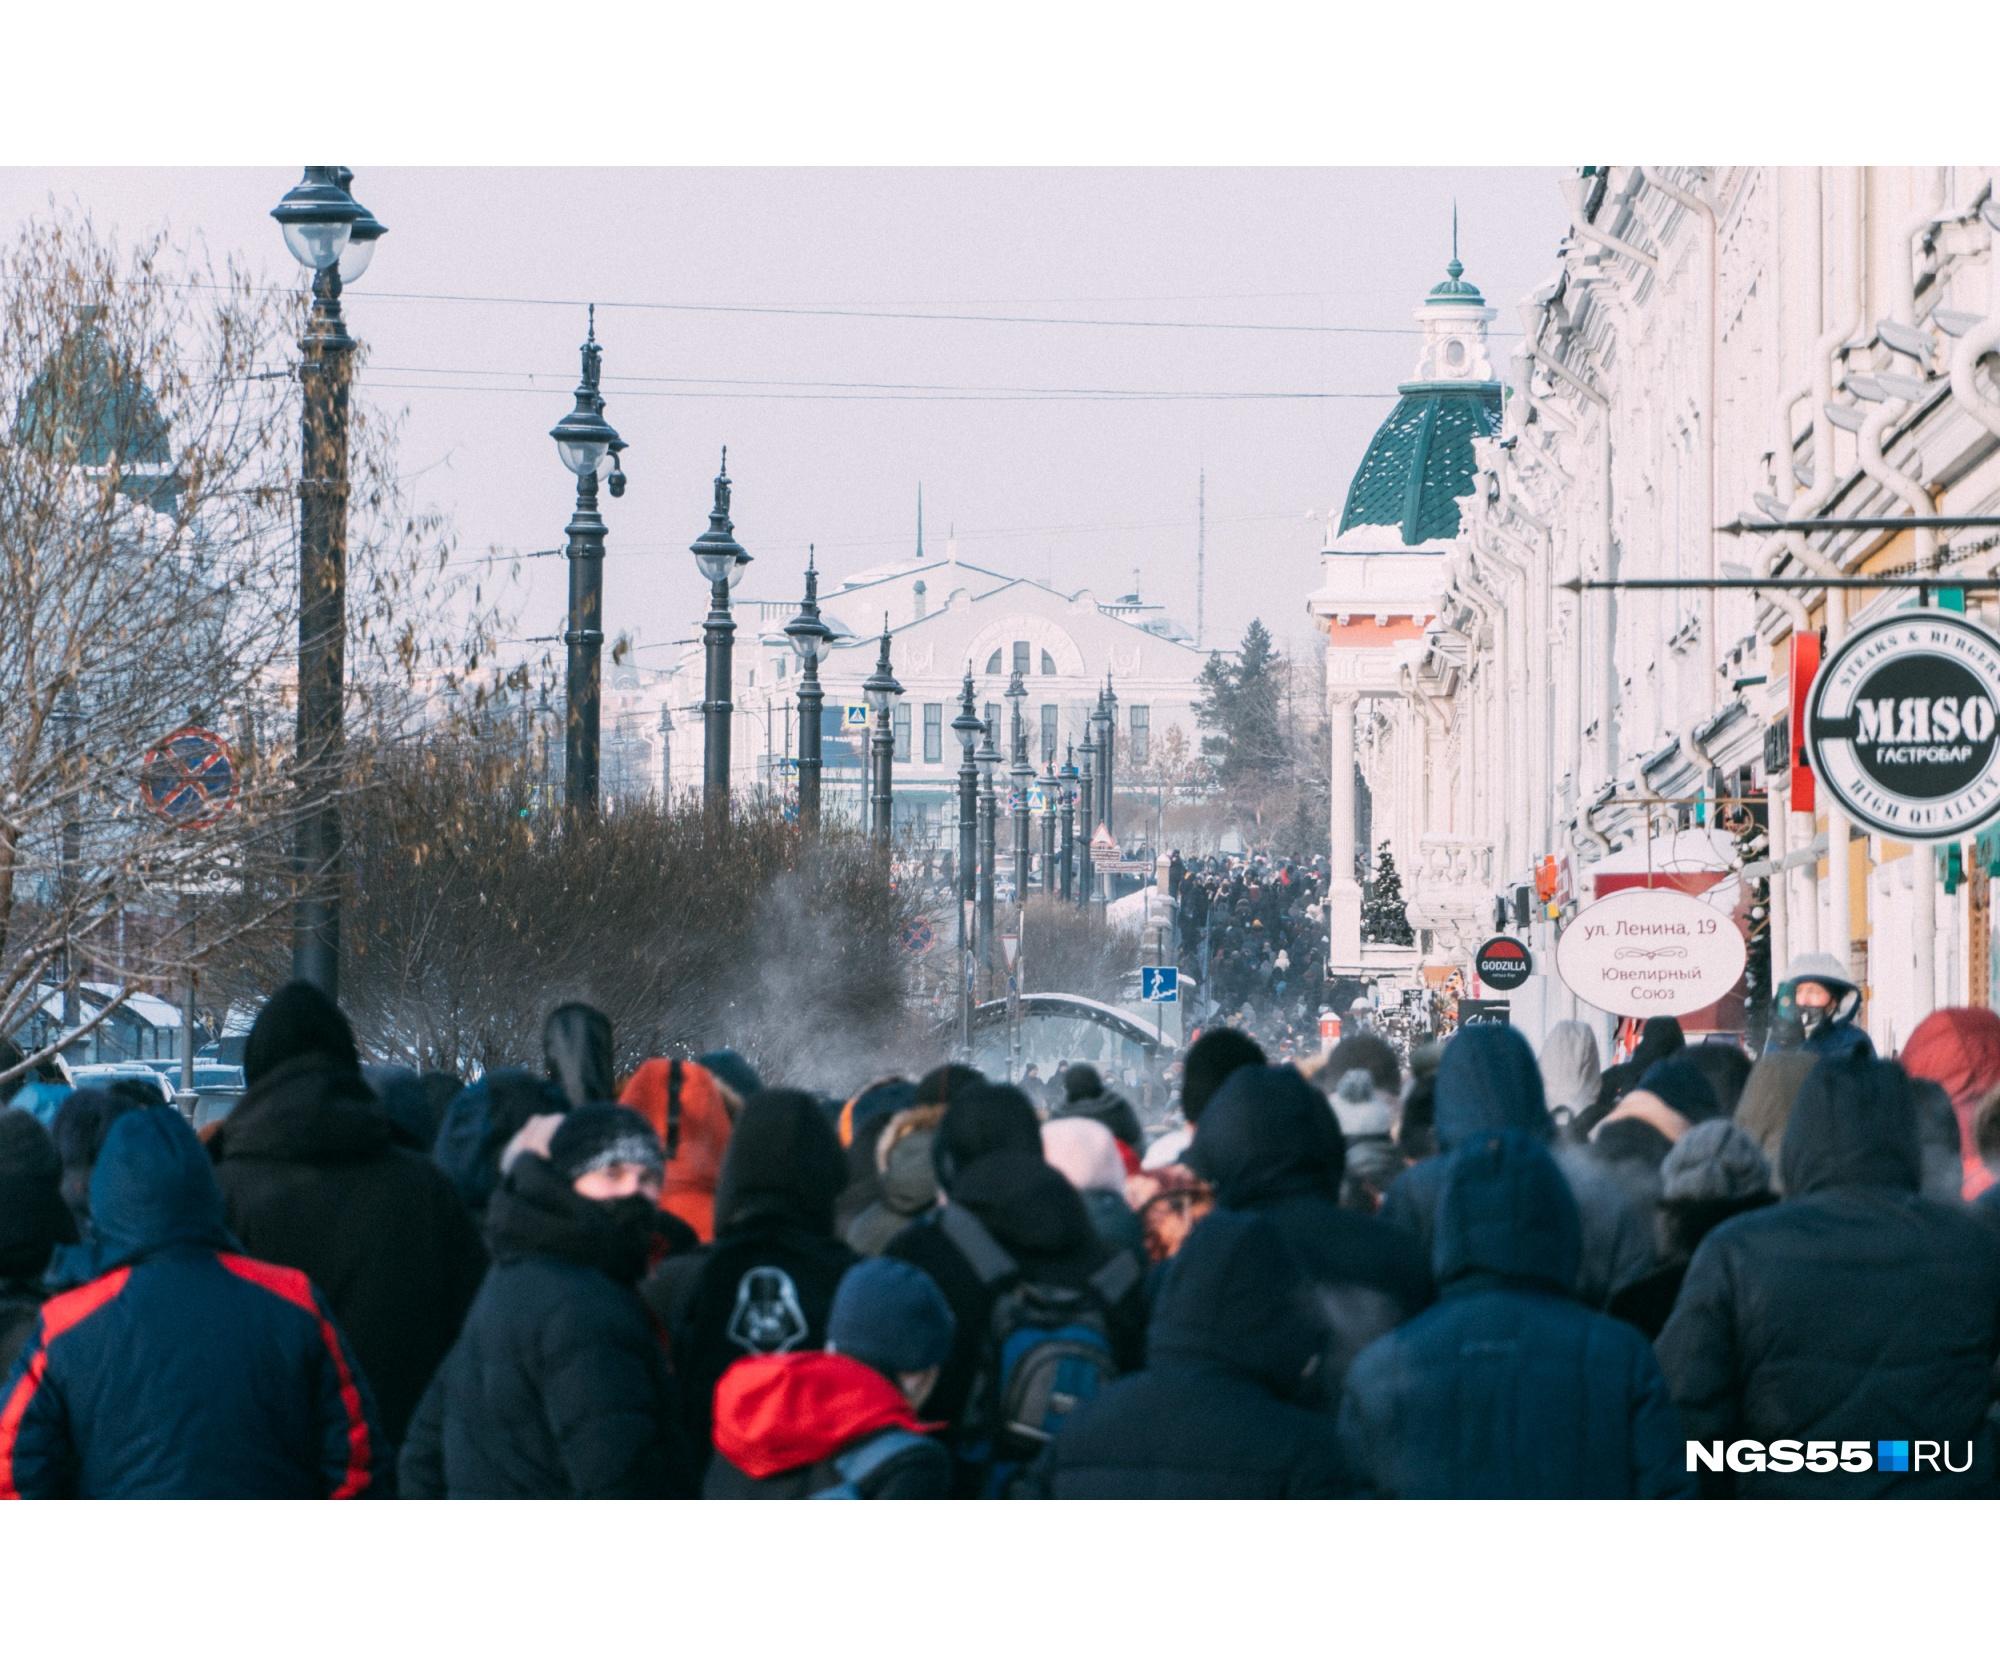 Официально МВД заявляет, что в Омске сегодня собиралисьоколо 500 протестующих. Посчитать самим их было довольно сложно из-за того, что люди к Соборной площади шли разными путями